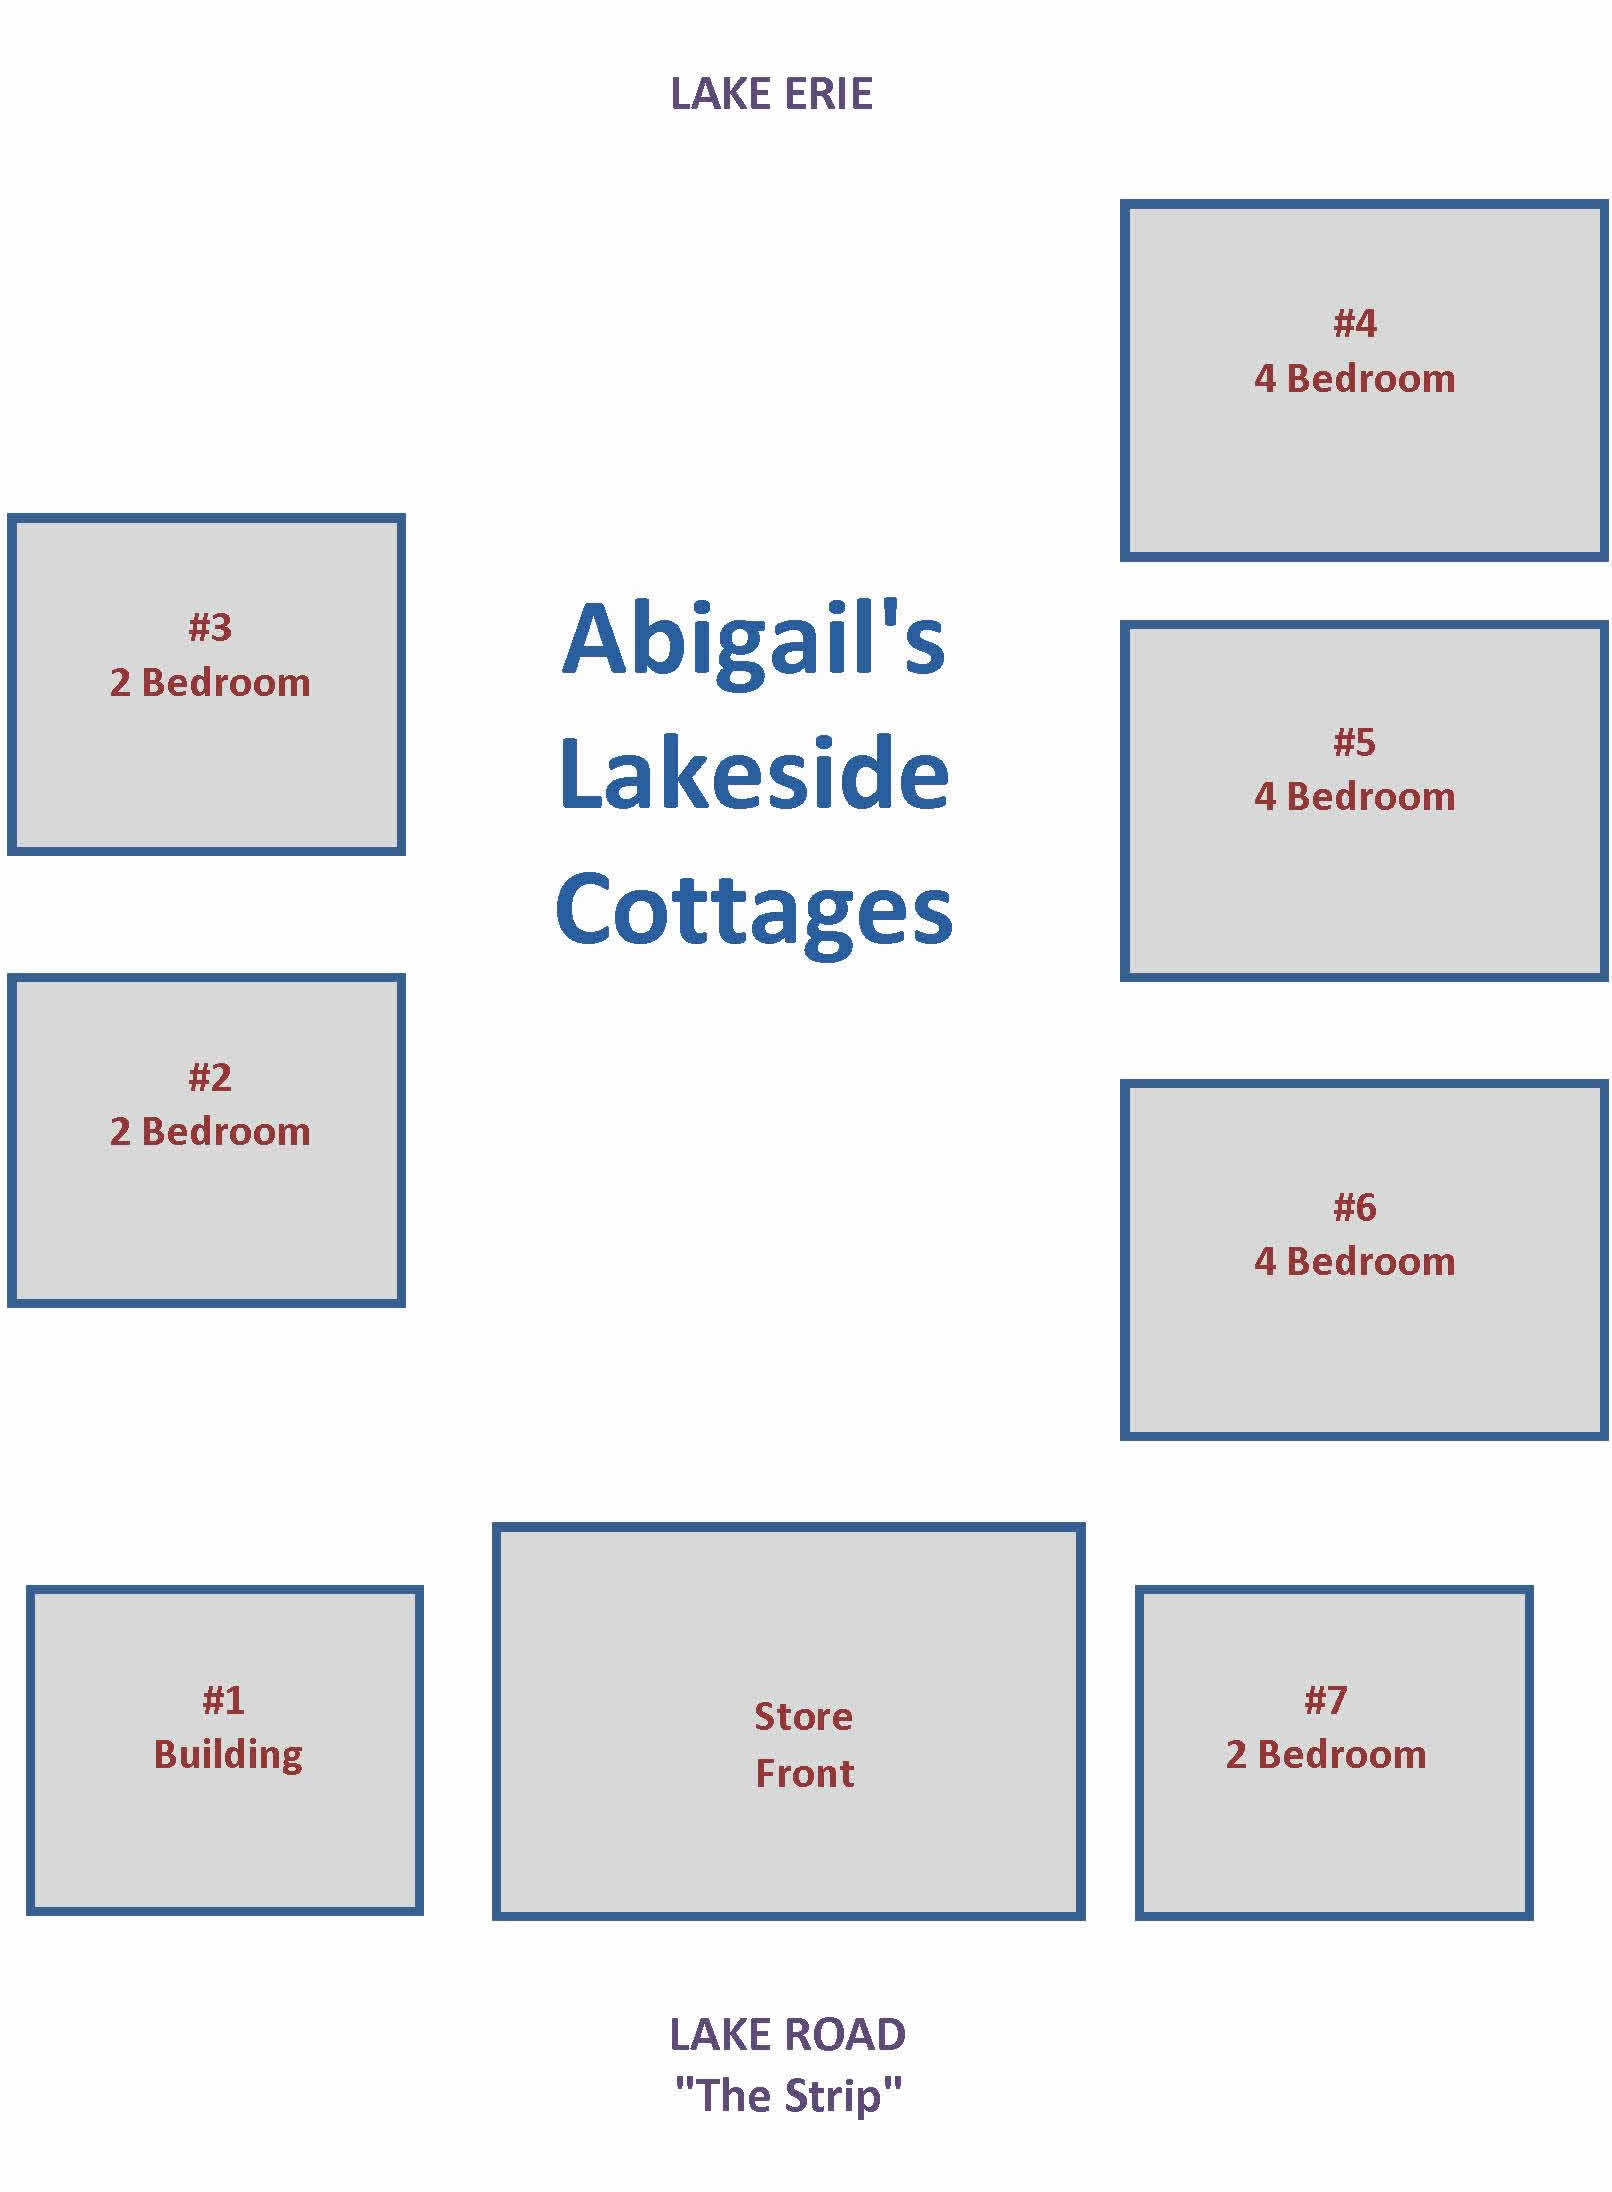 Abigails Lakeside Cottages Schematic